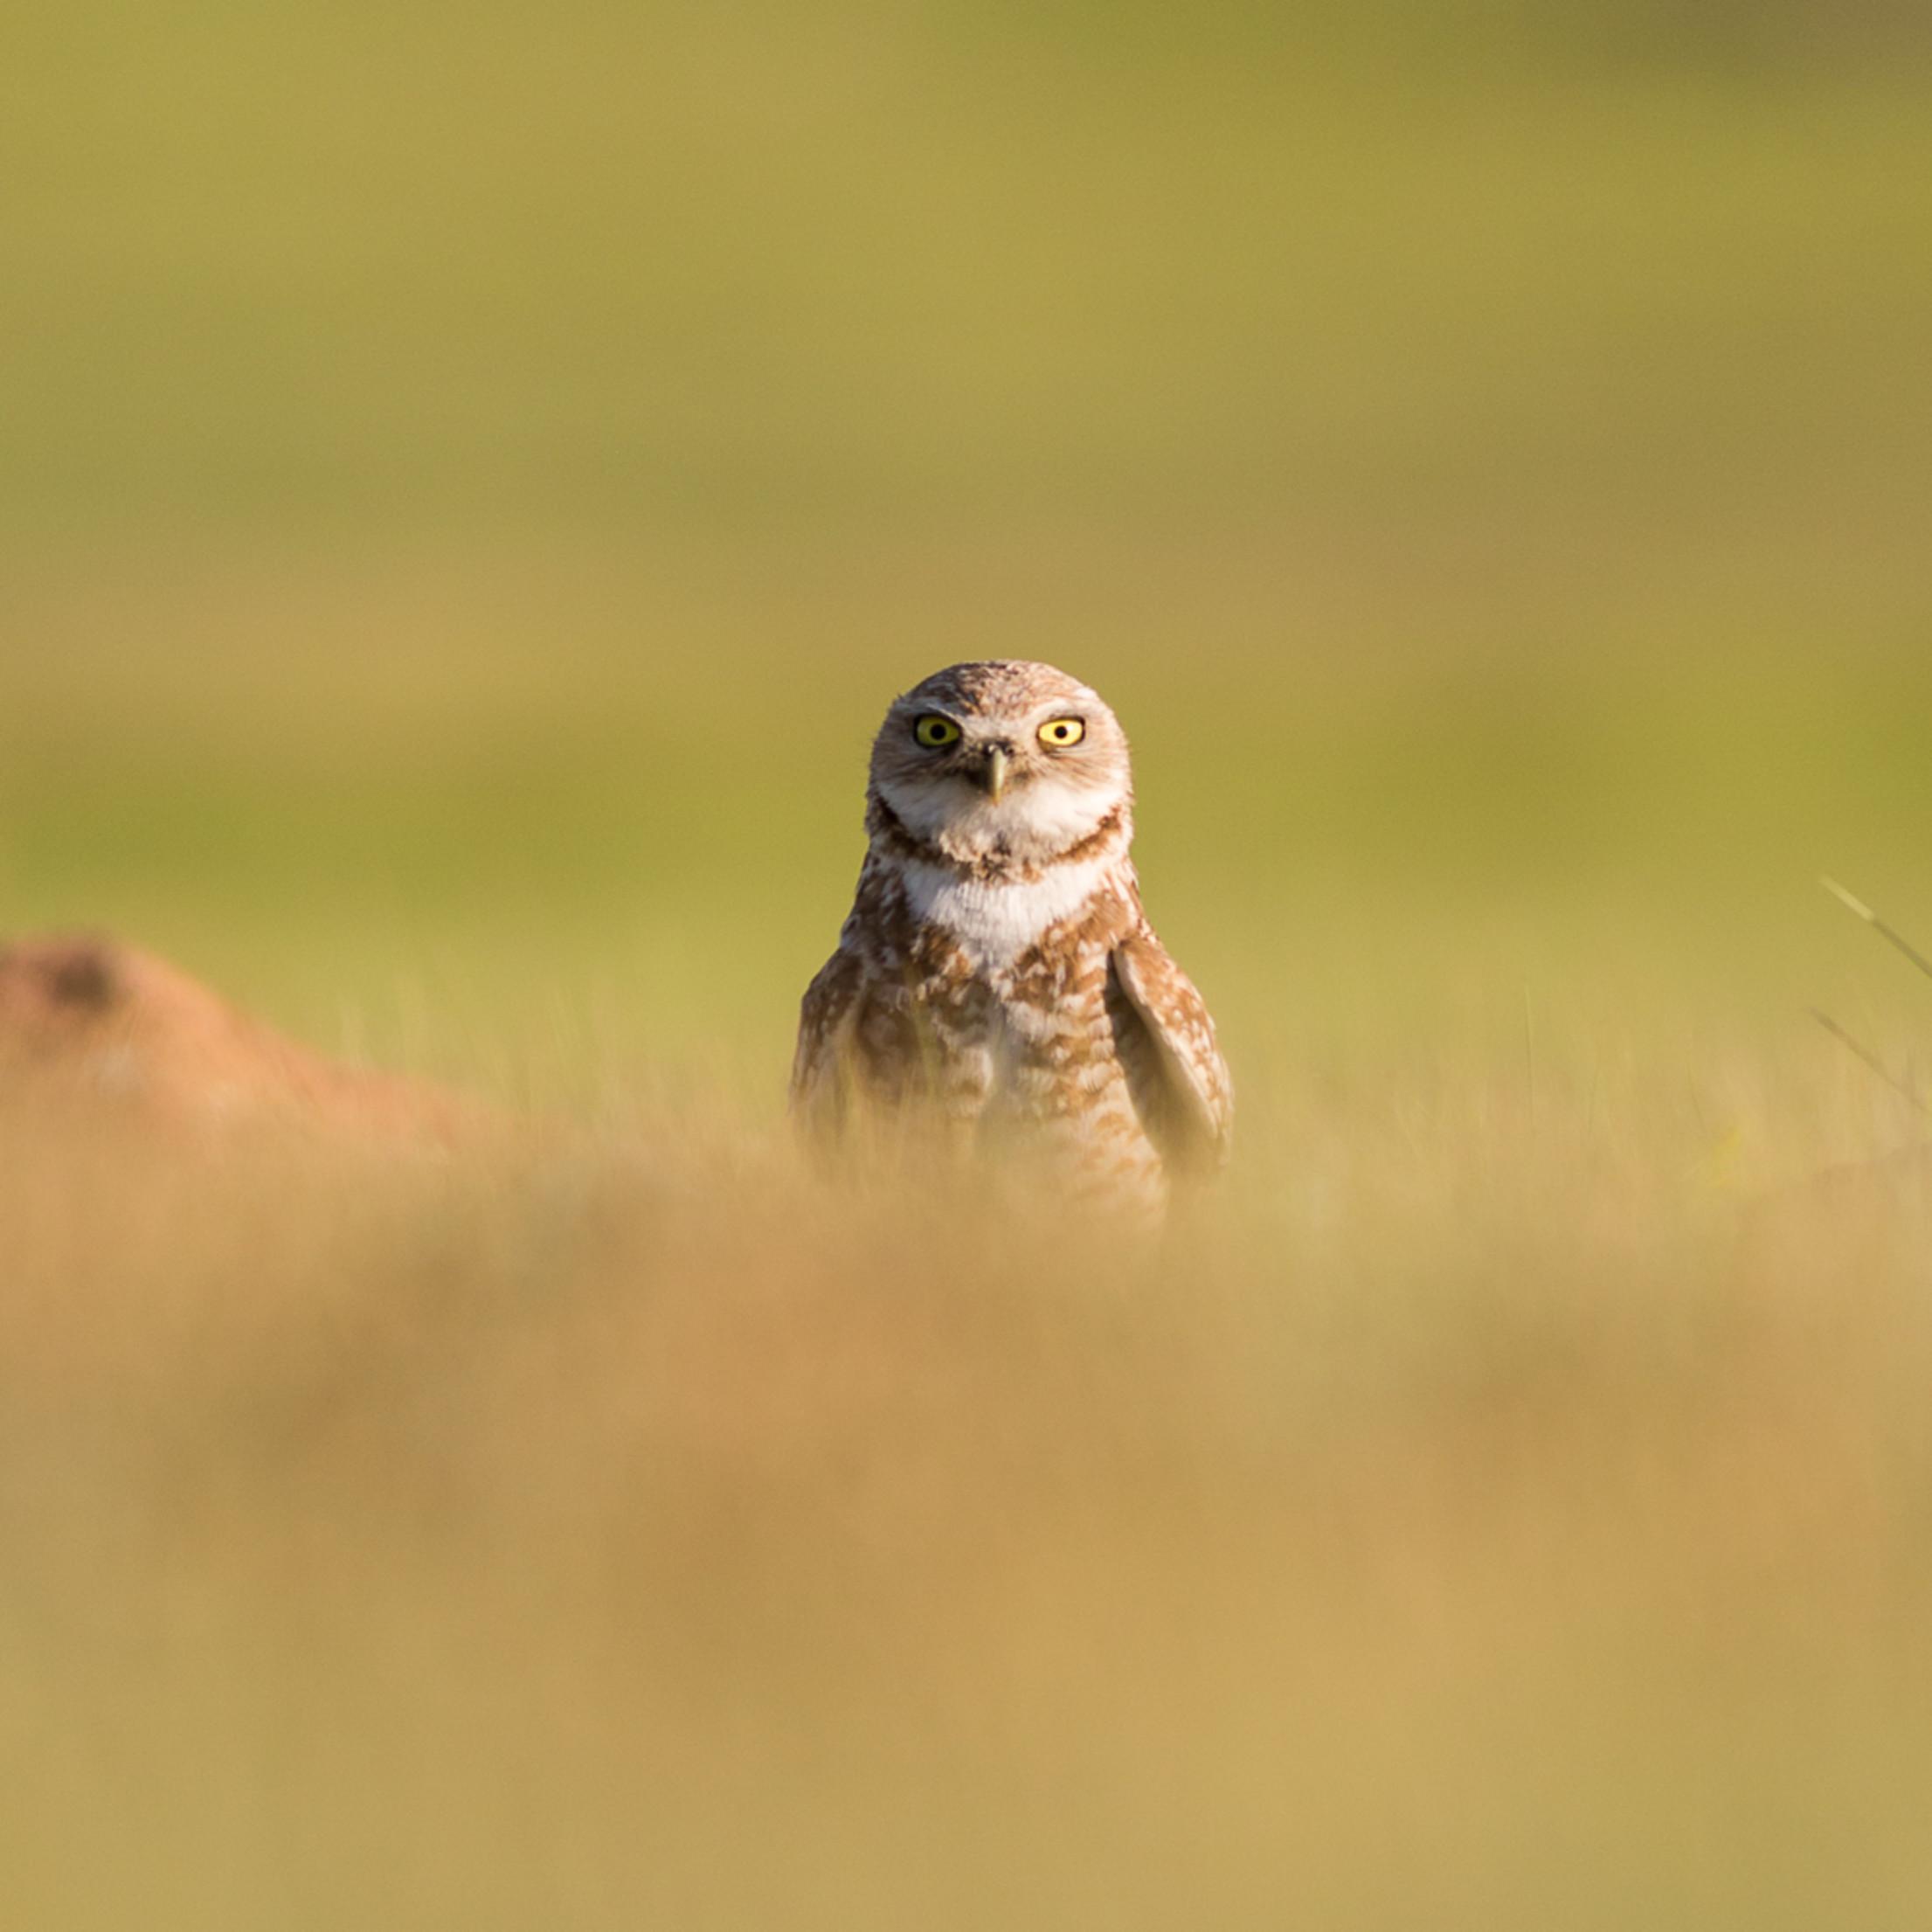 Burrowing Owl Peek A Boo